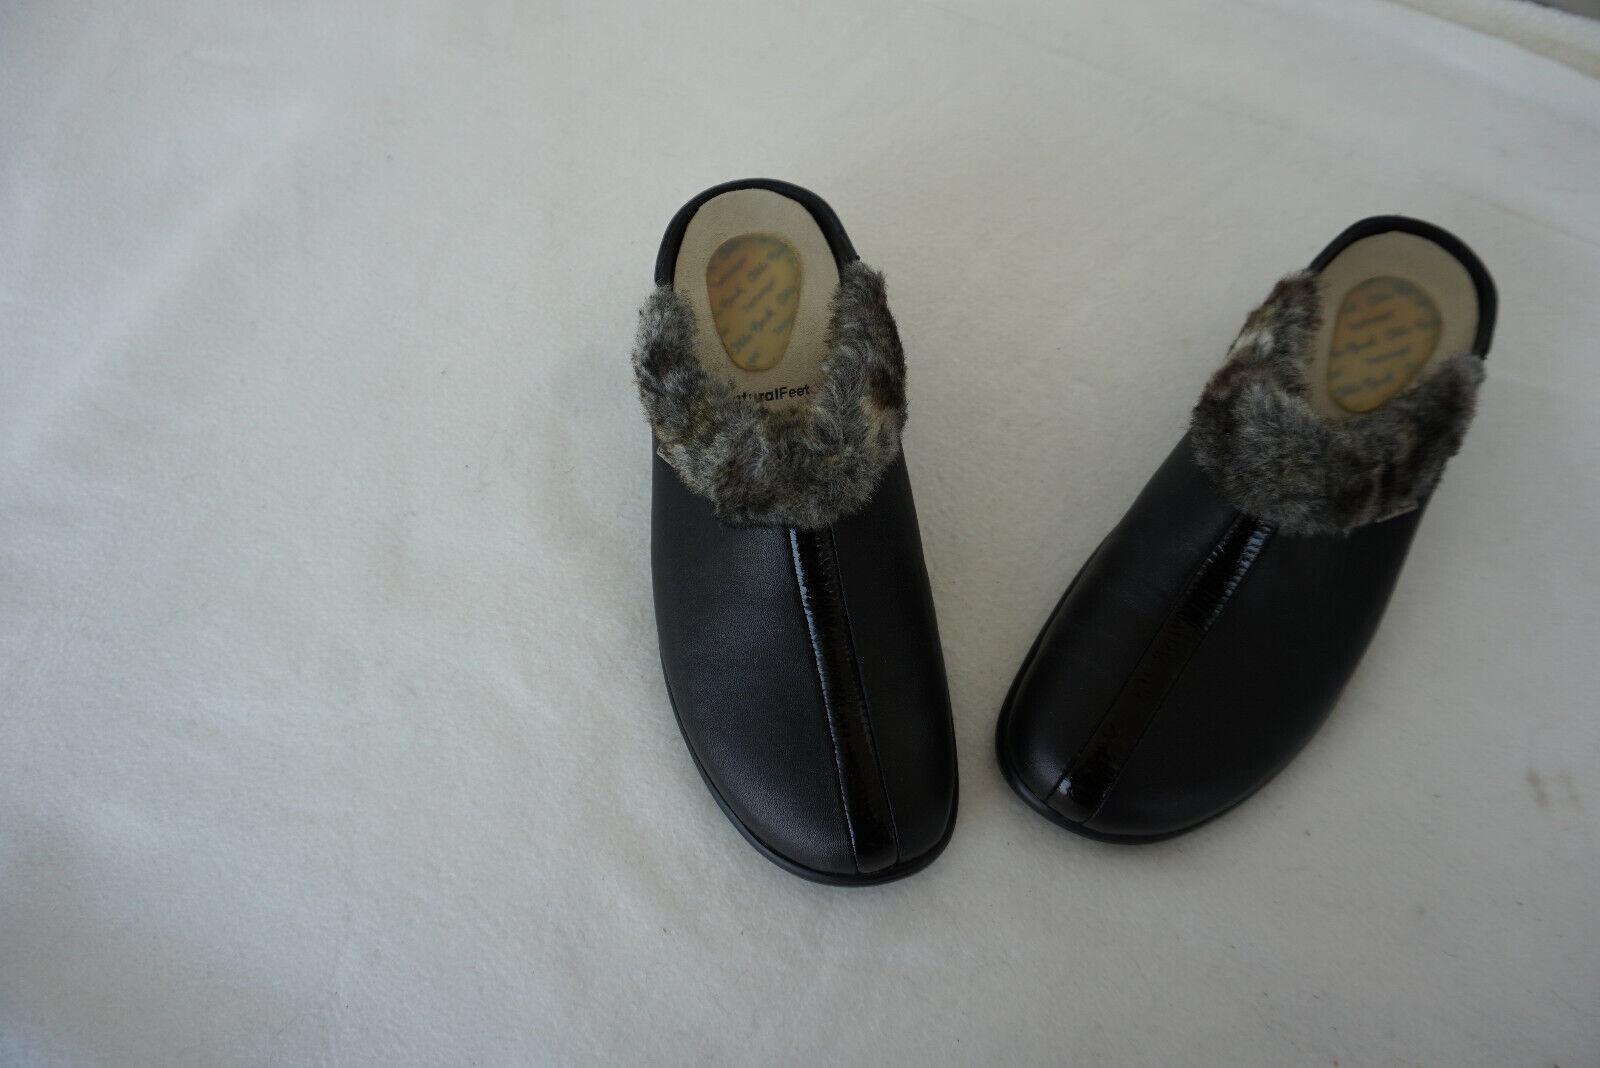 Ortopédico Otto Bock señora sandalias zapatos Clogs cálido negro de cuero nuevo